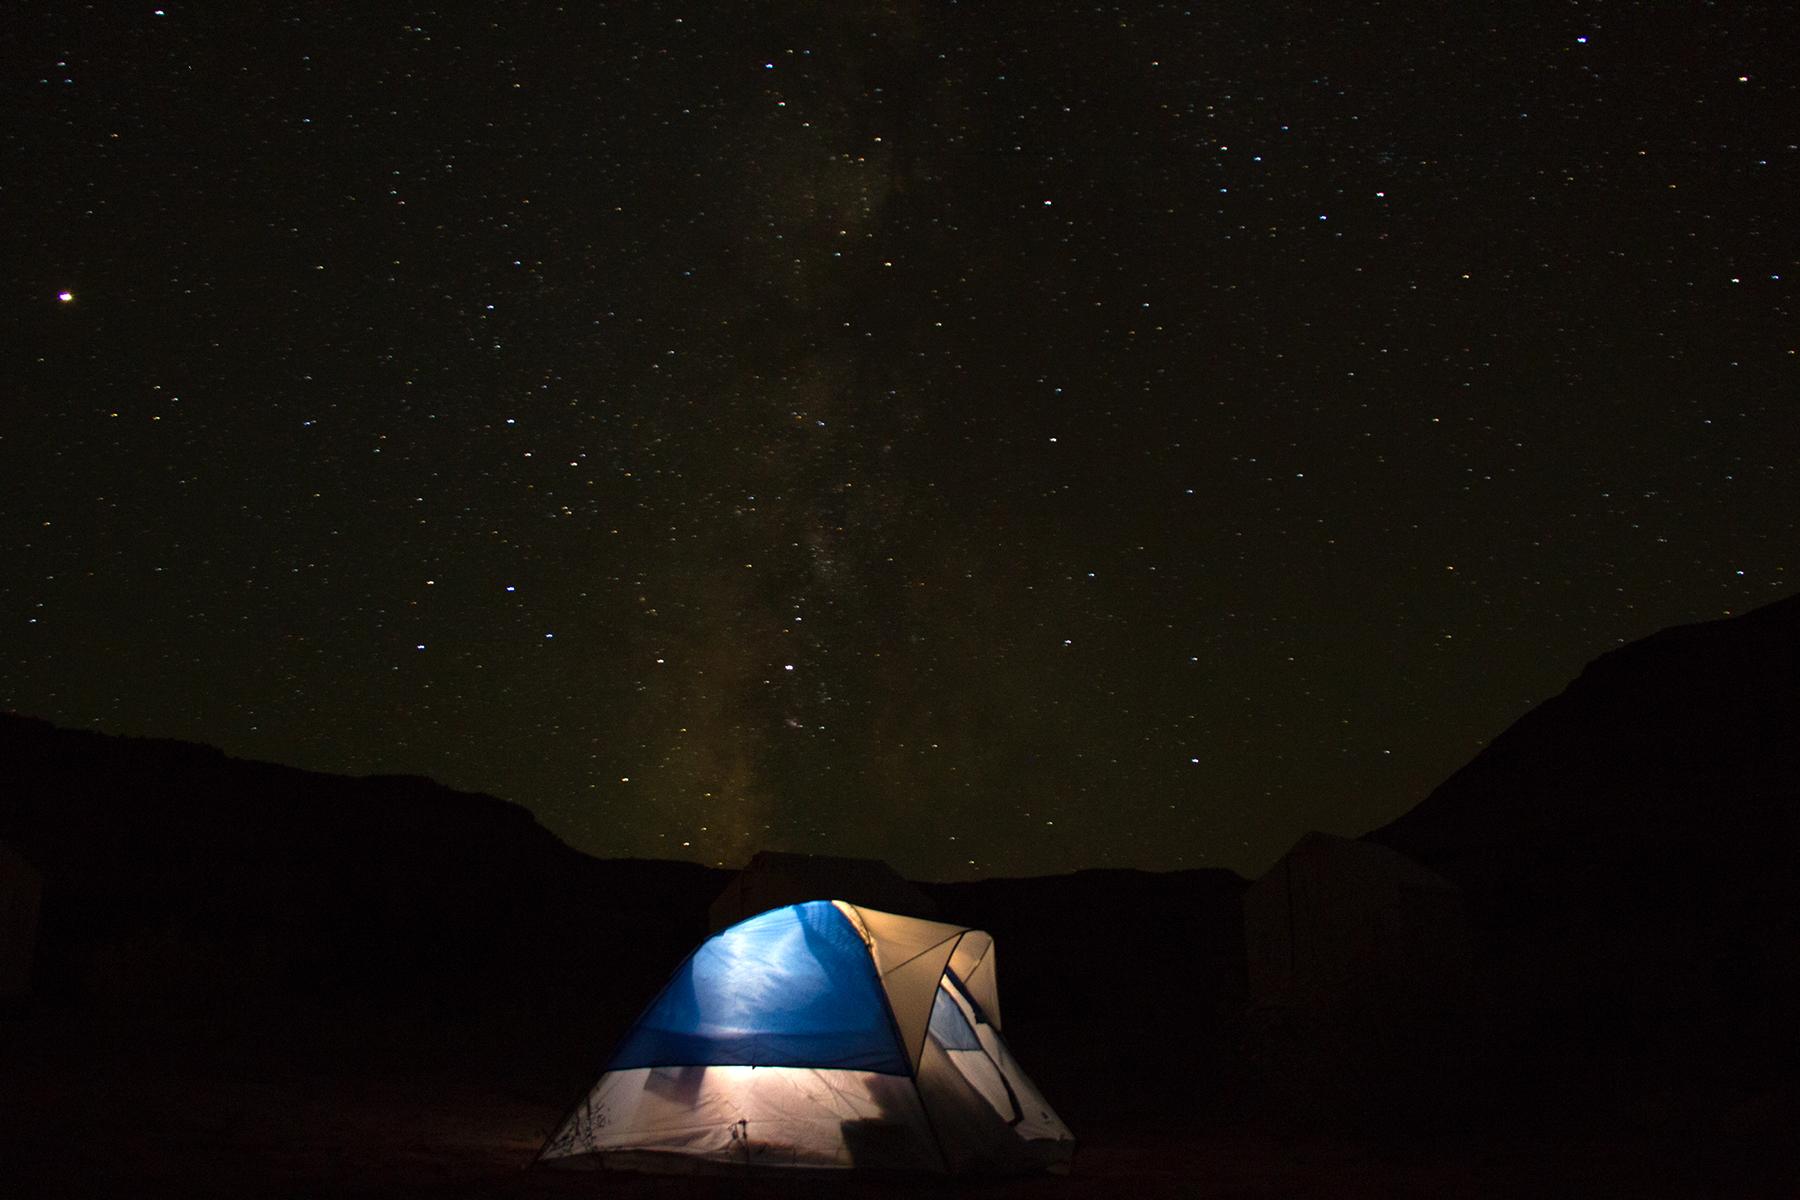 Stars and tents at Rio Mesa